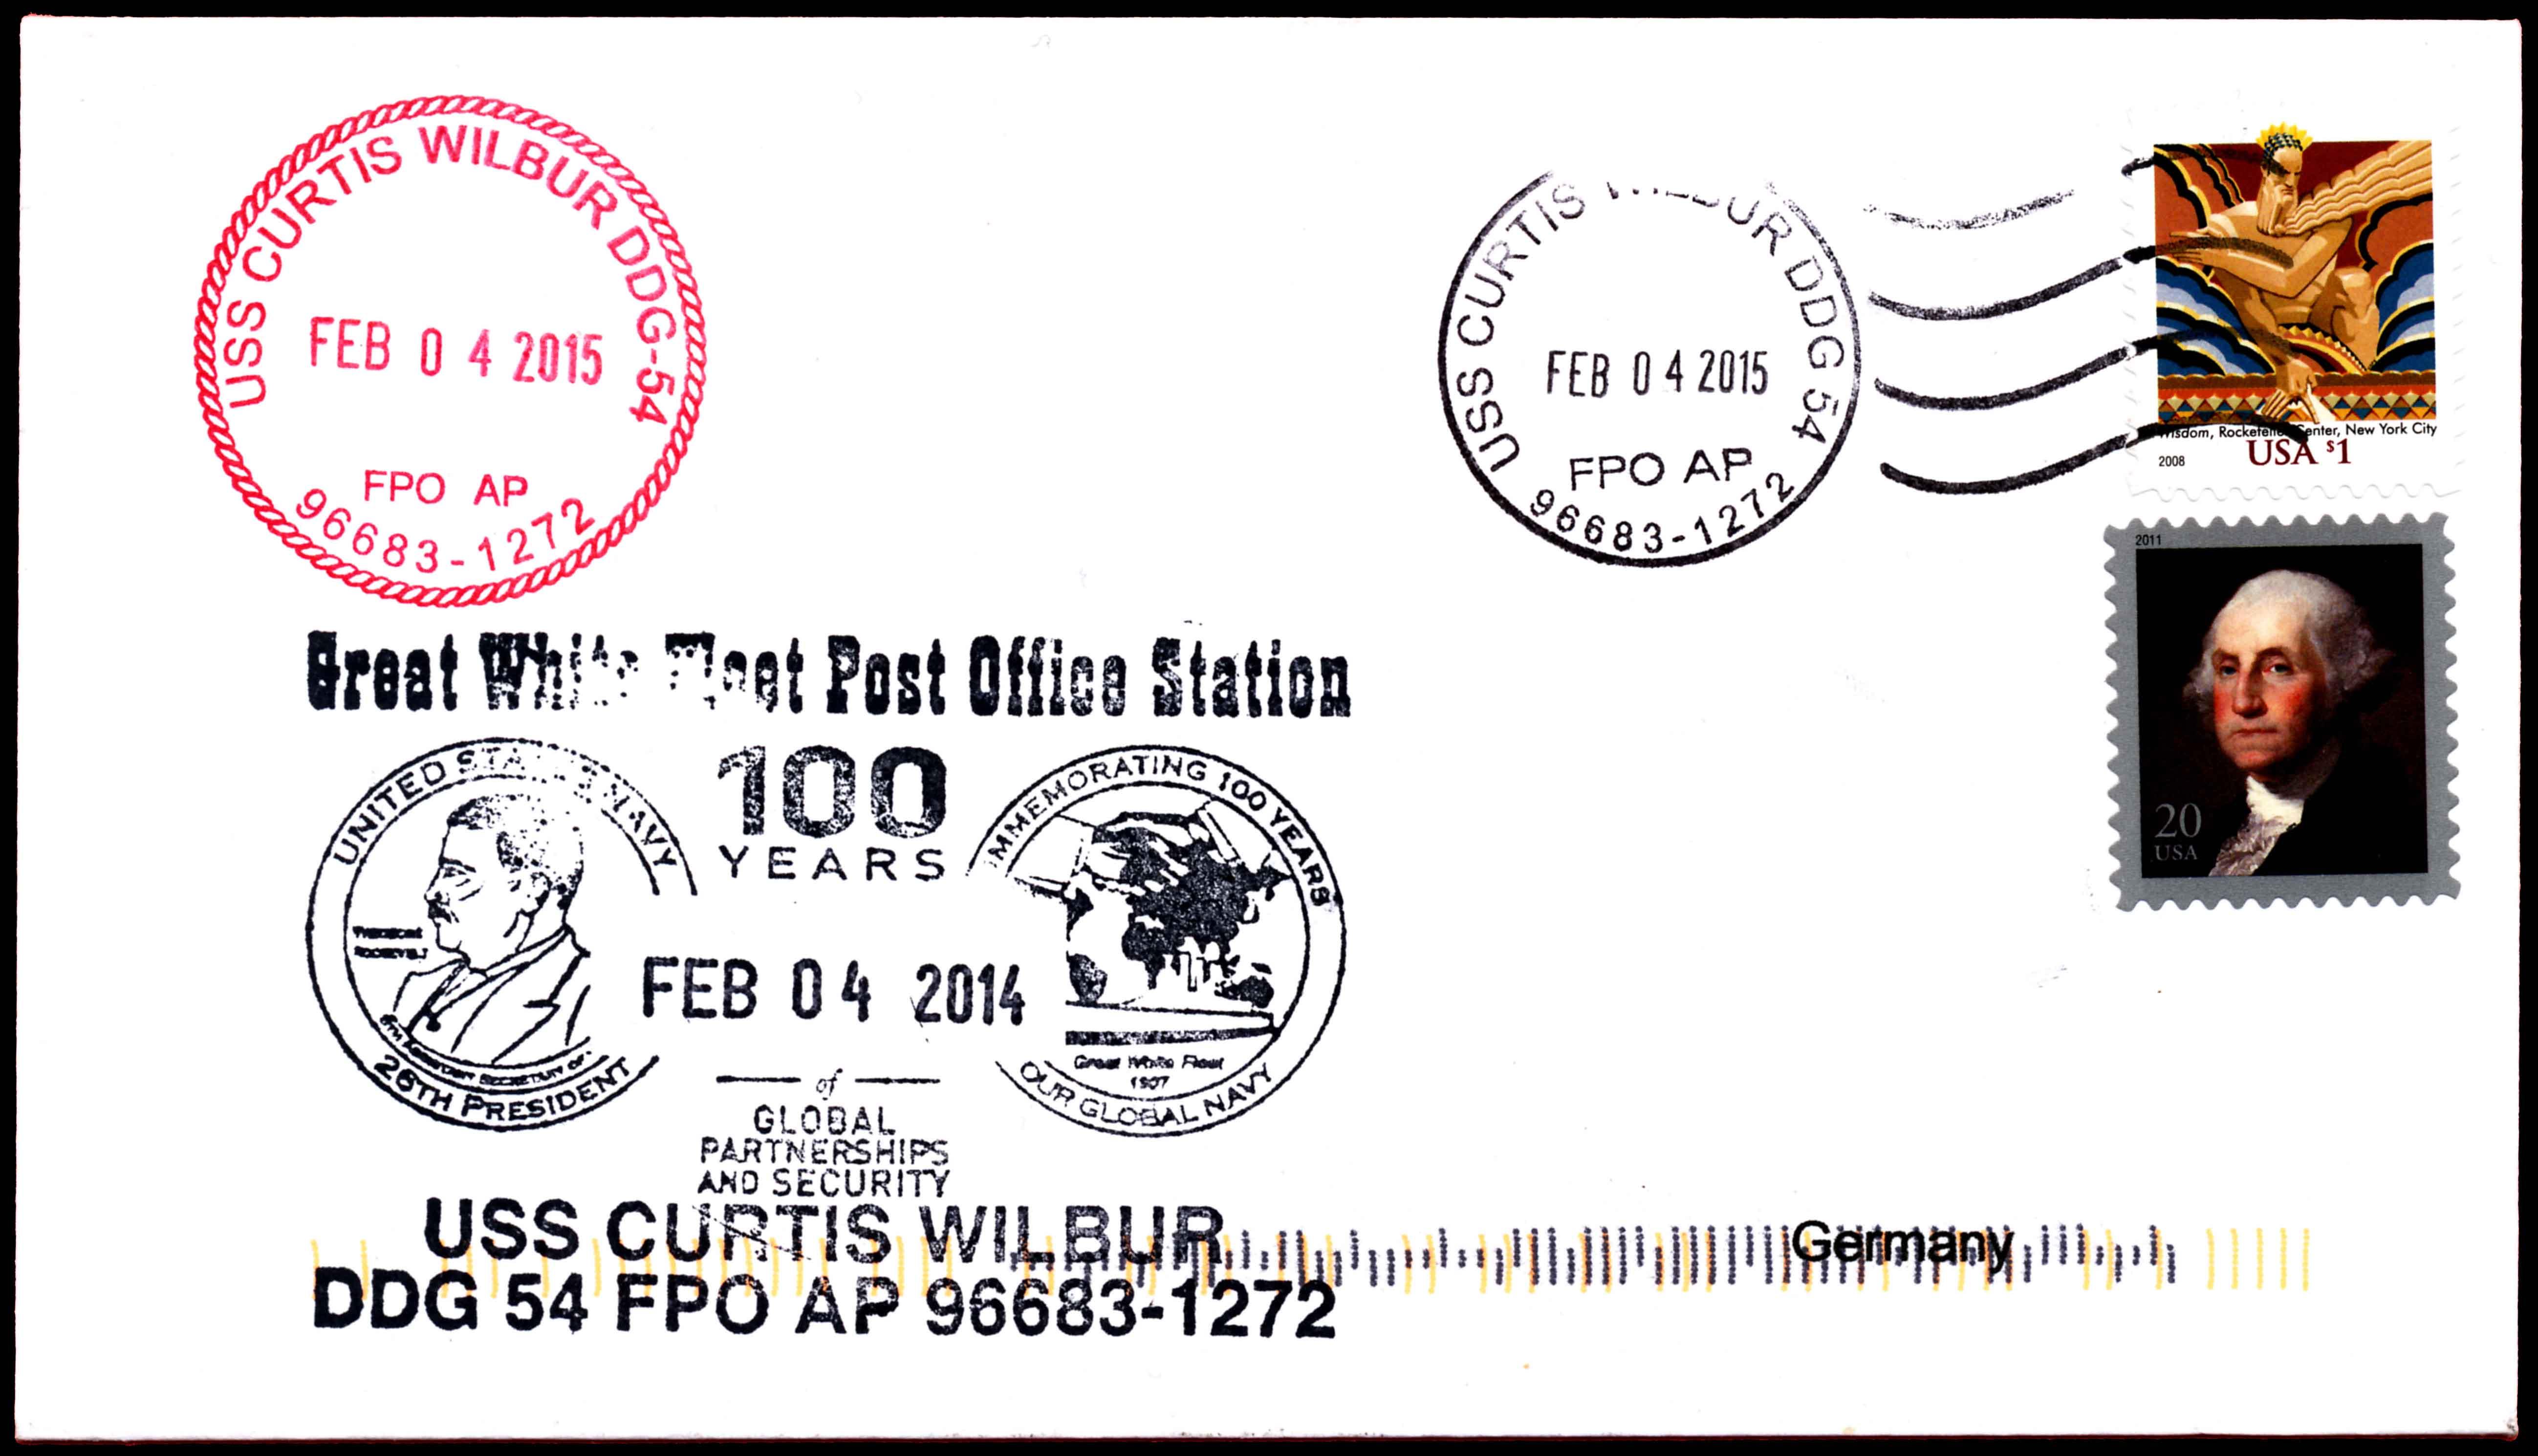 Beleg USS CURTIS WILBUR DDG-54 vom 04.02.2015 von Wolfgang Hechler